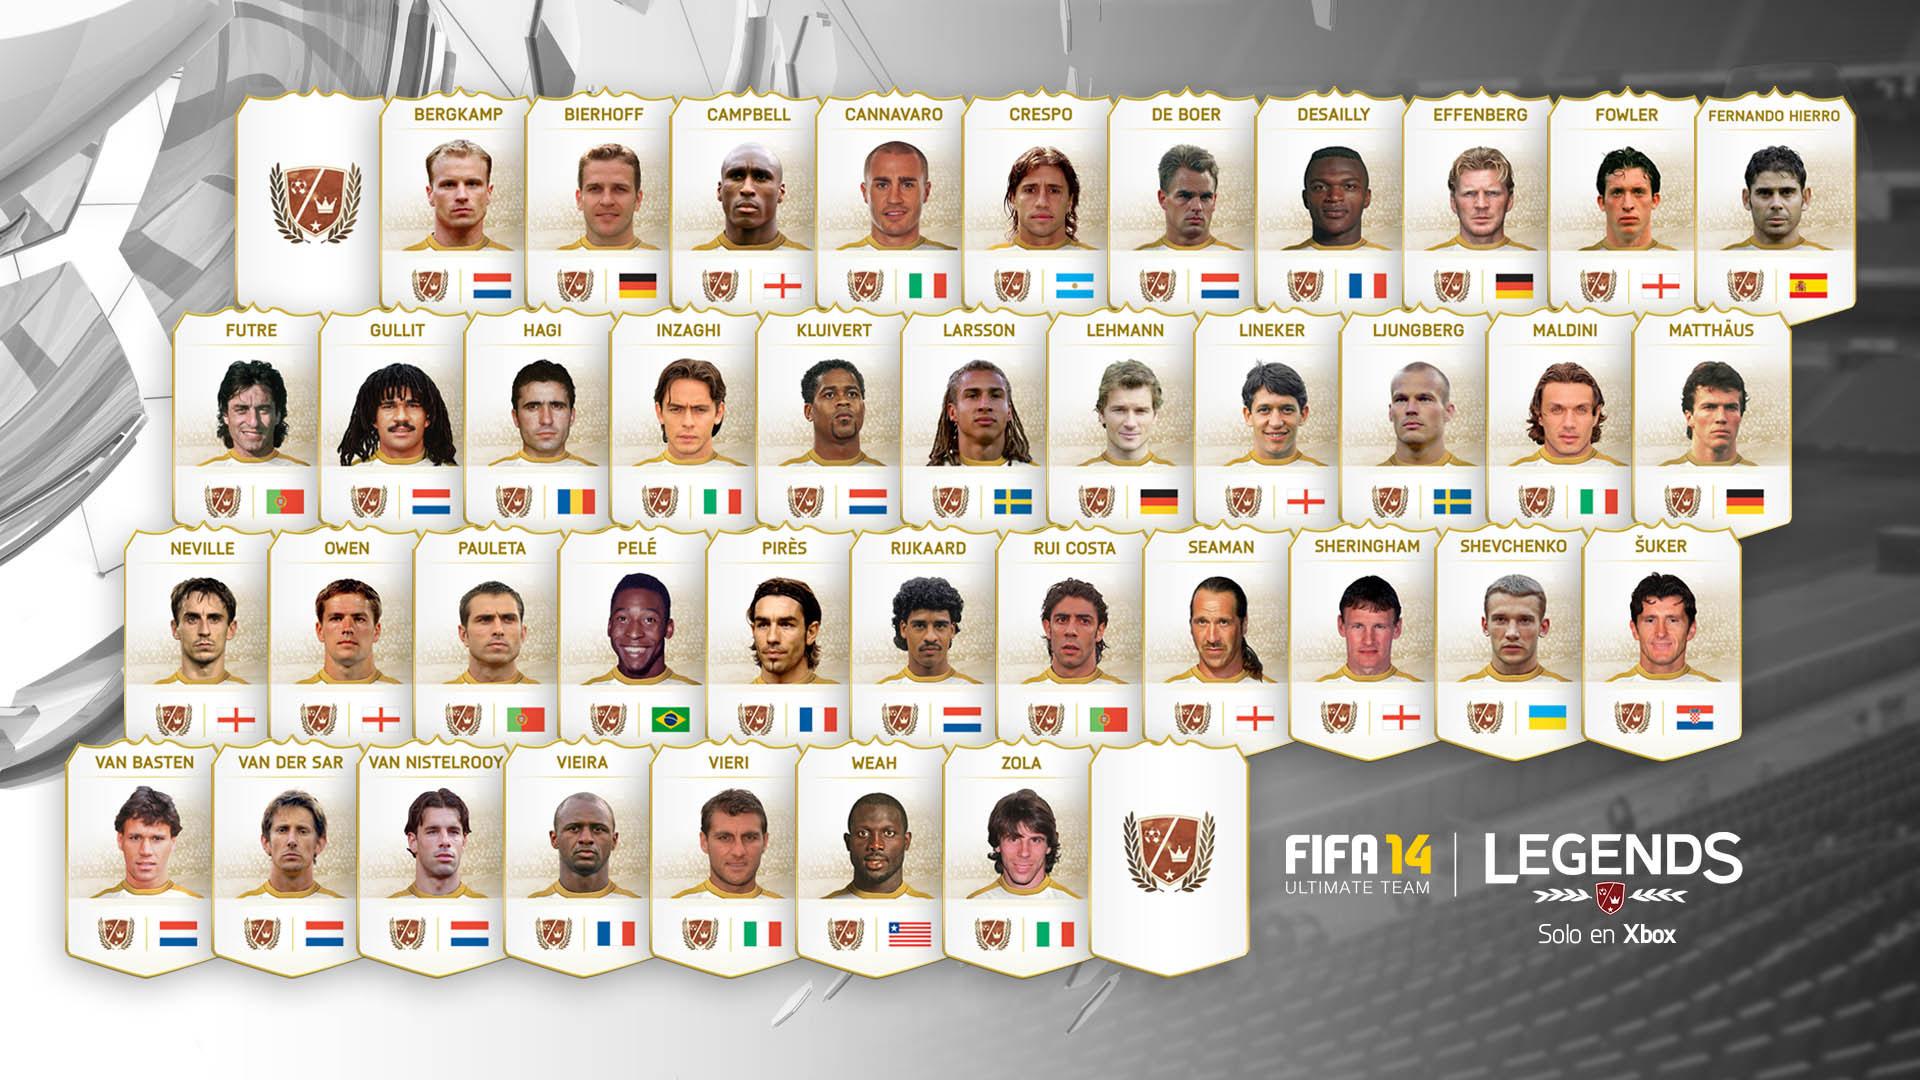 Imagen de las leyendas que saldrán en FIFA14.